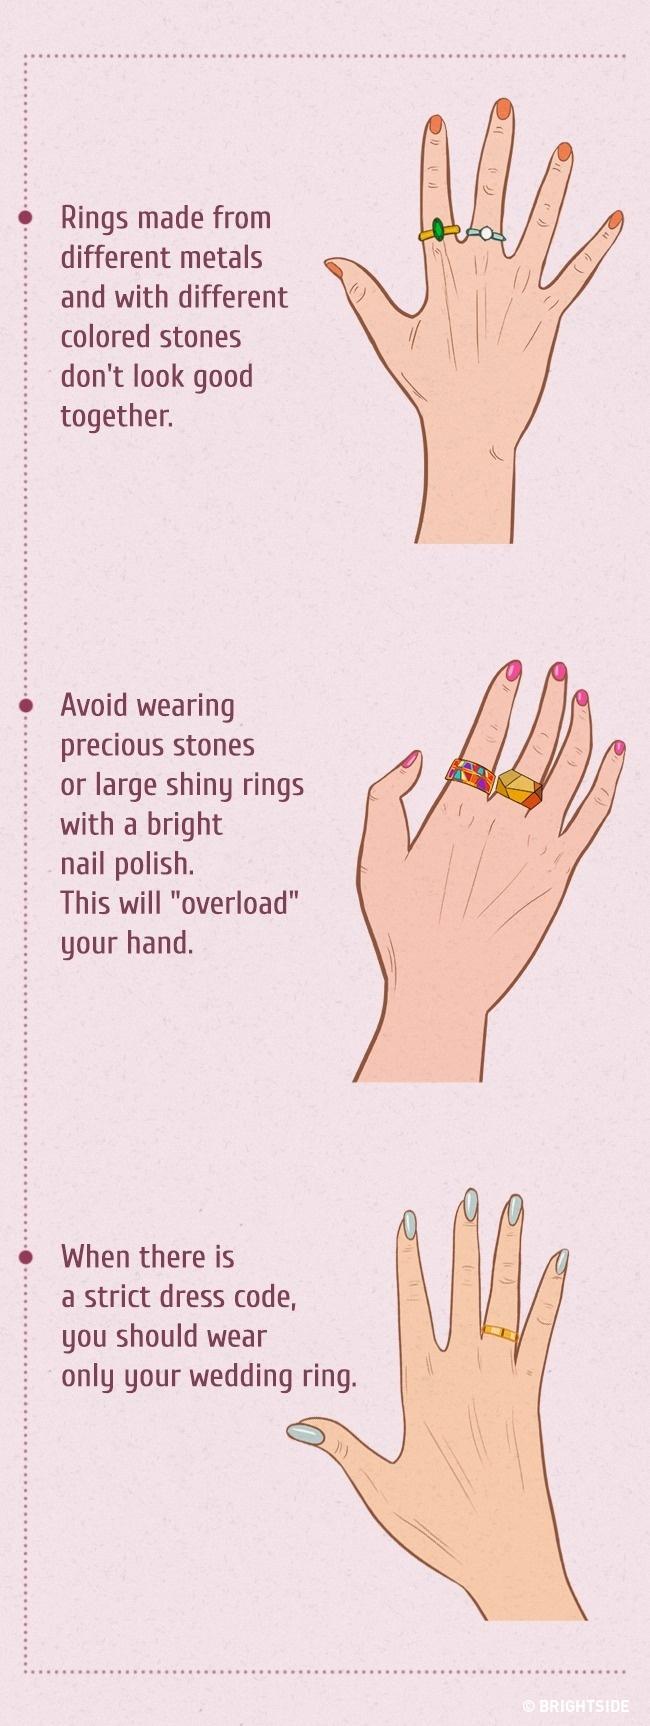 prstenje 5 Sve što bi trebalo da znaš o izboru i nošenju prstenja